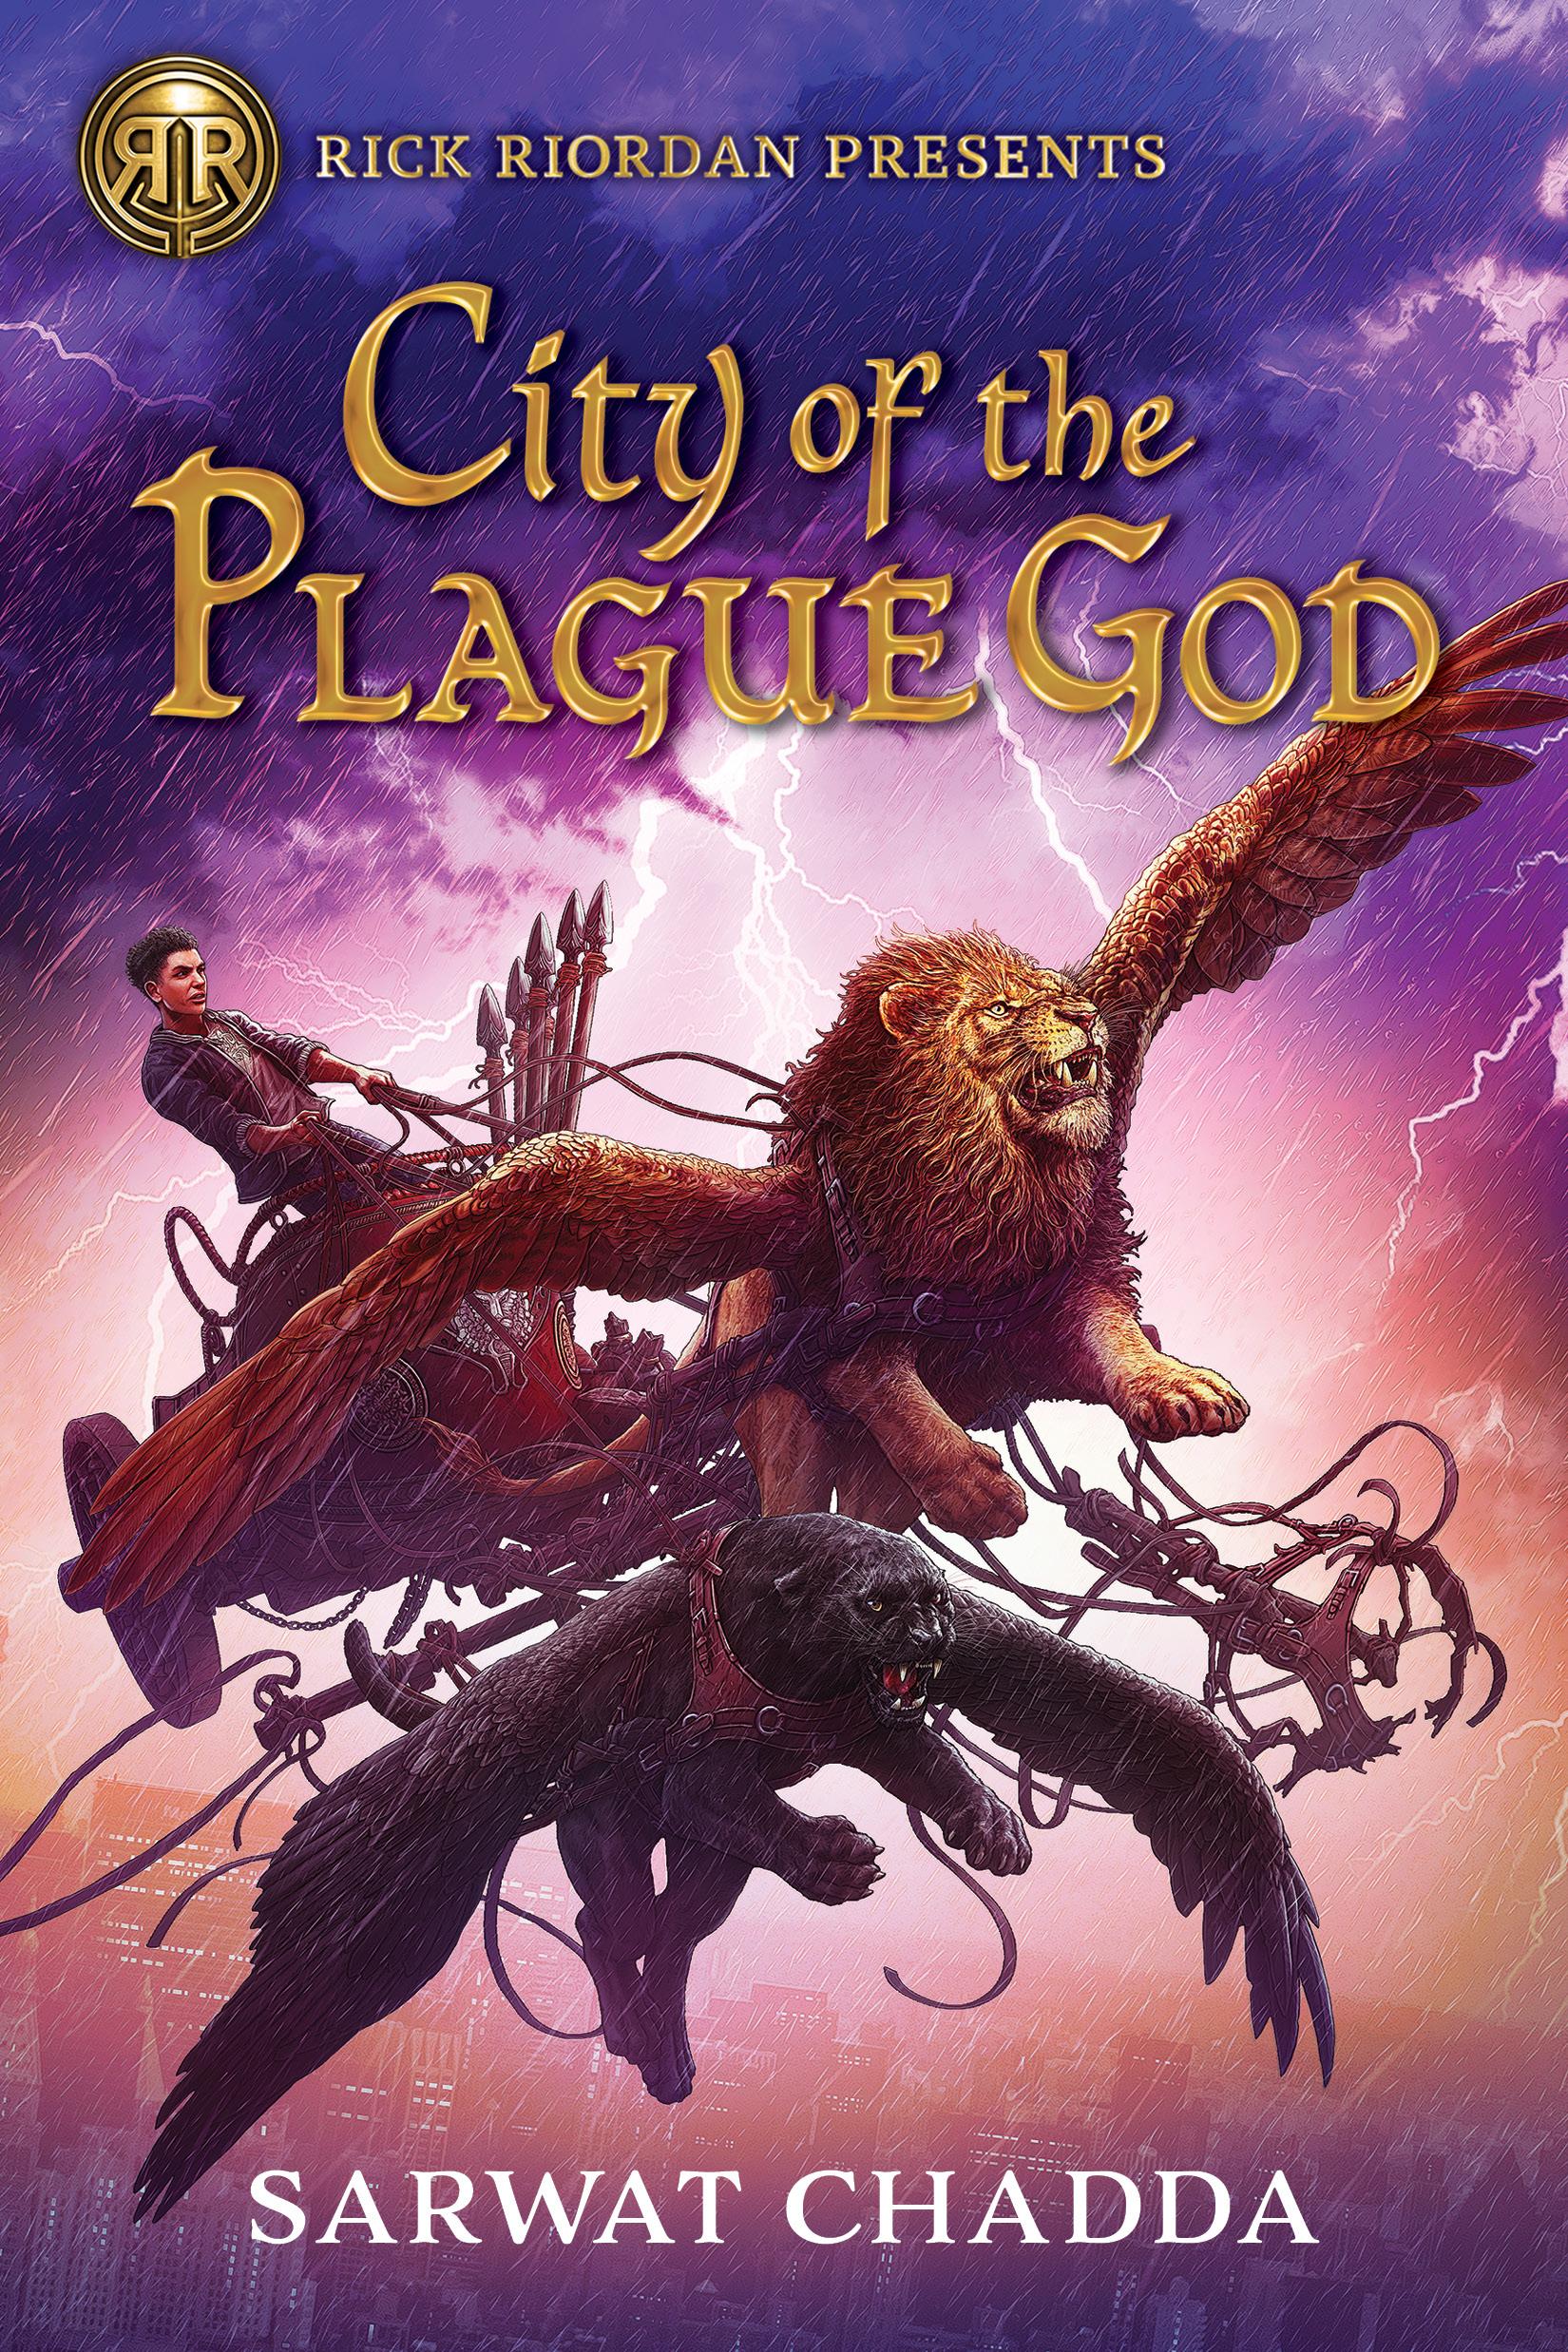 City of the Plague God by Sarwat Chadda